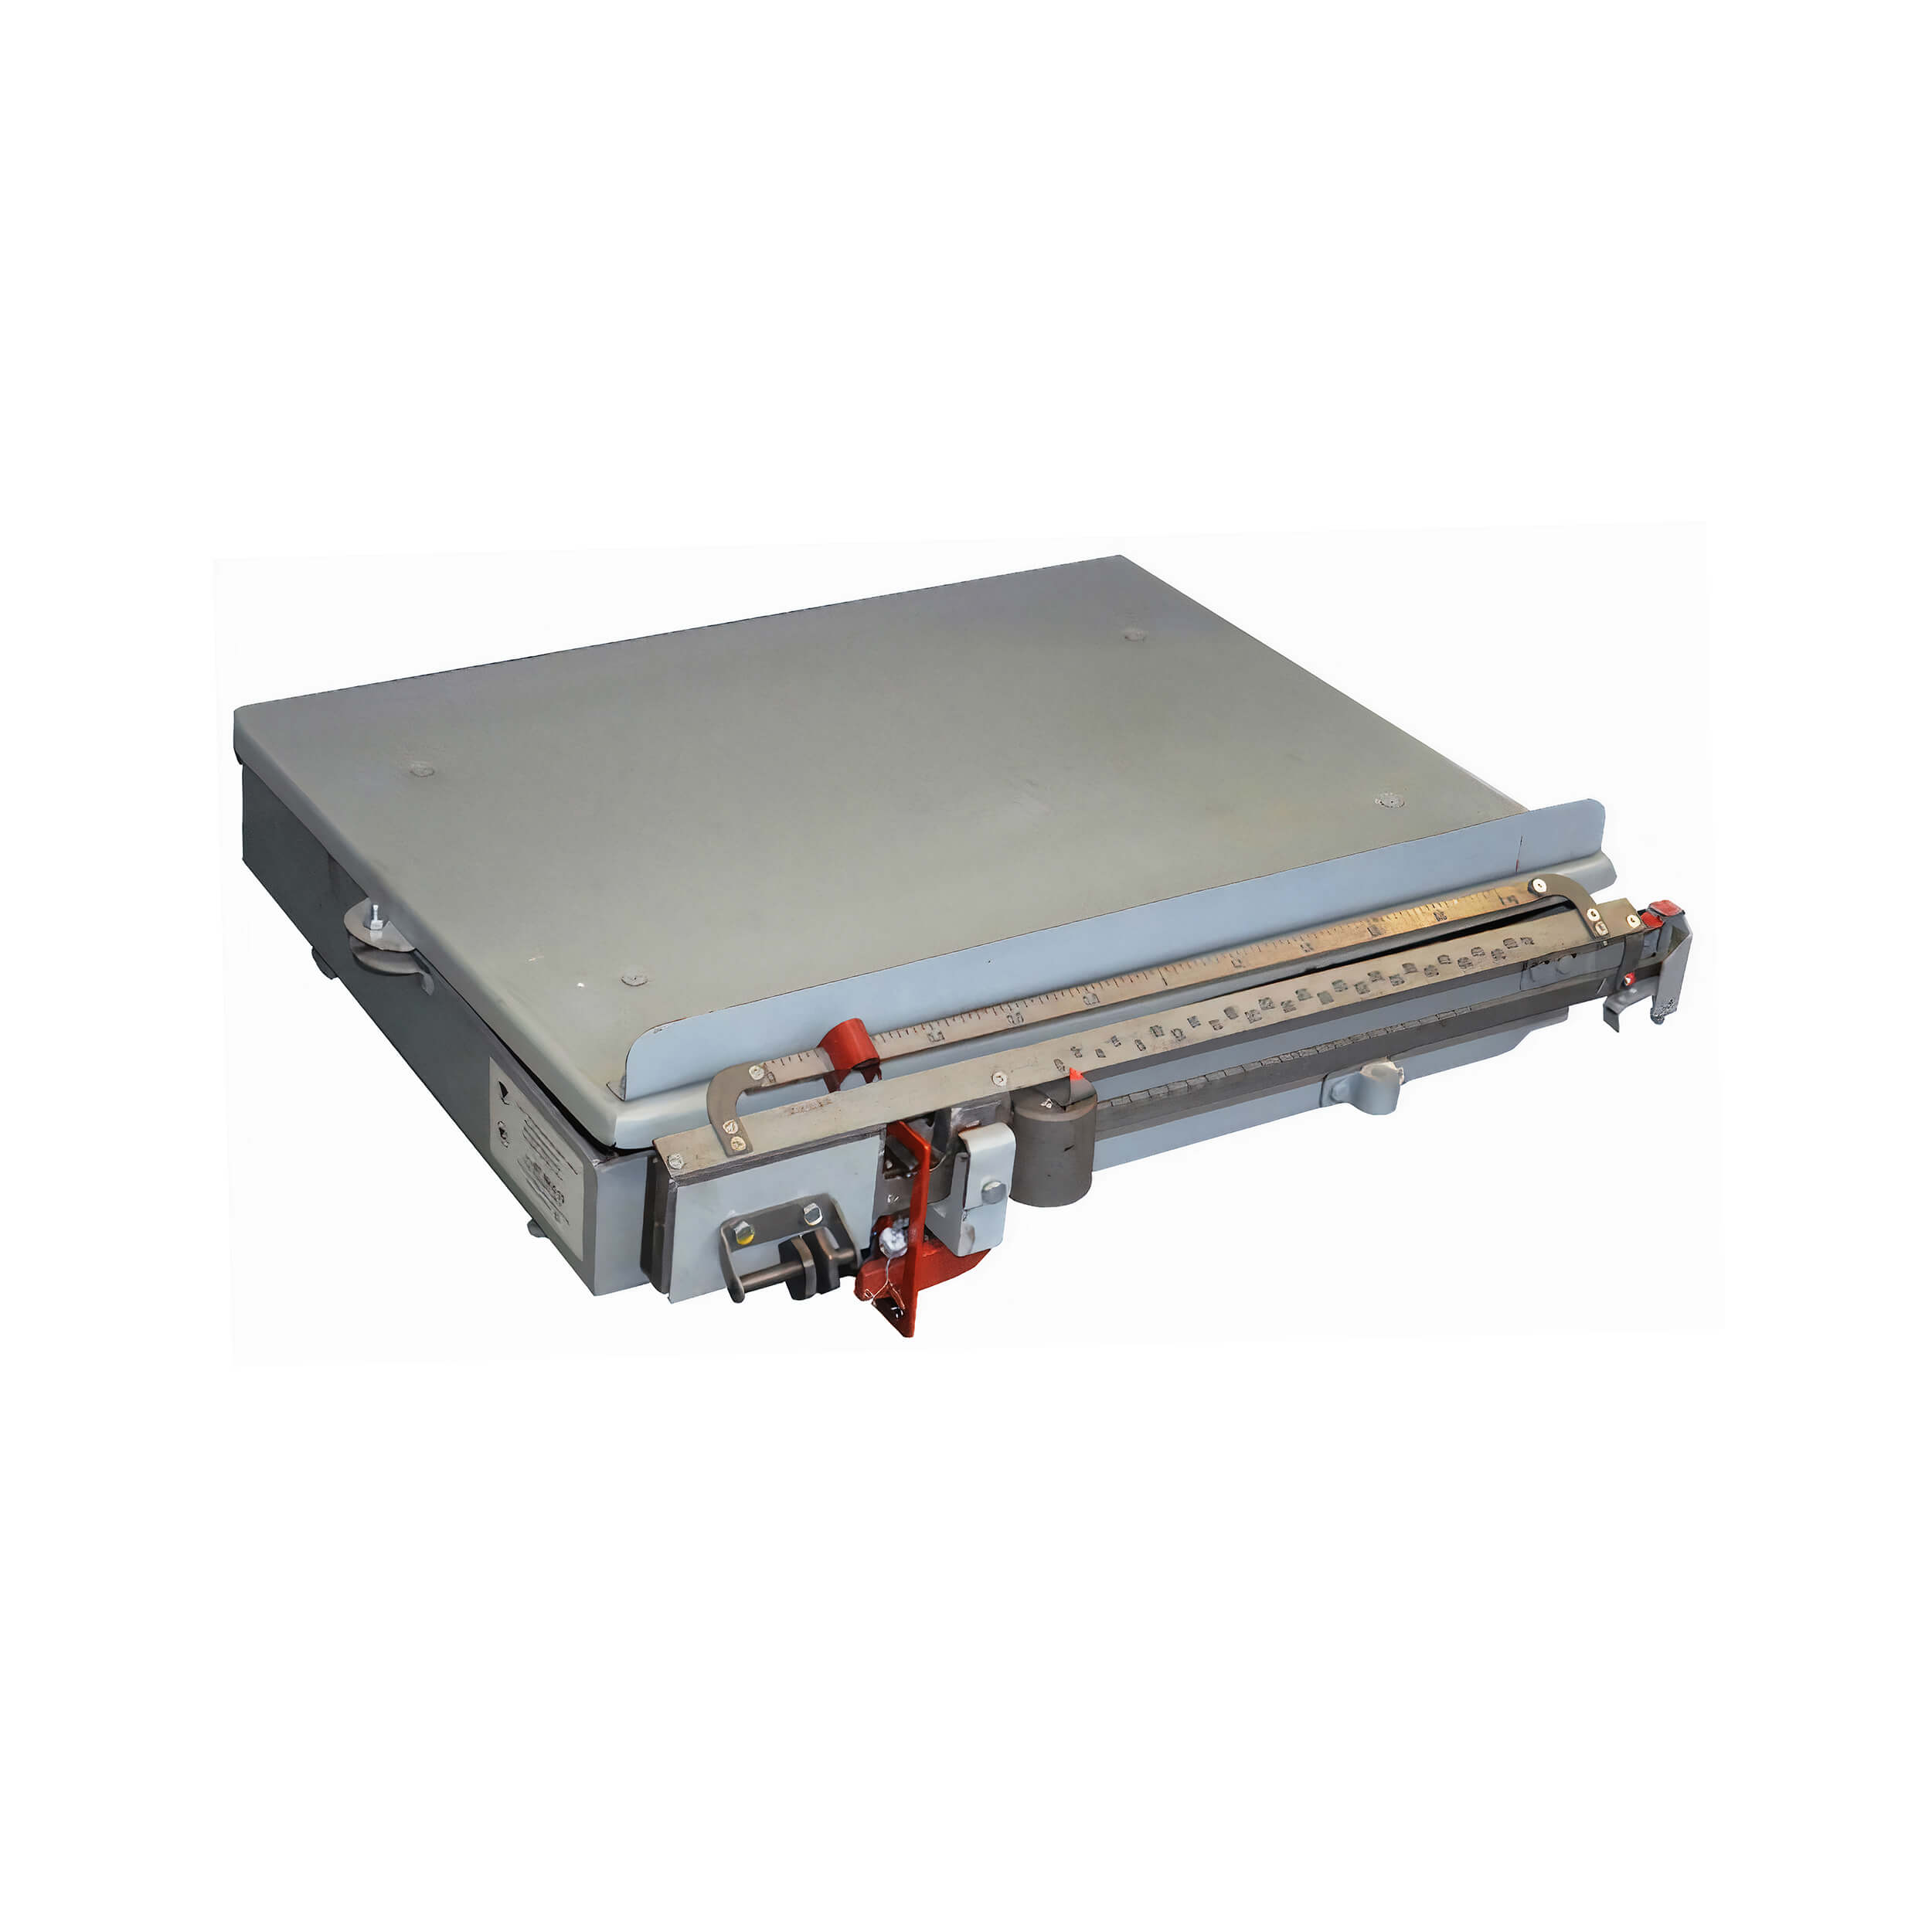 Весы контрольные для улья (до 200 кг, нержавейка платформа 460х620 мм) фото